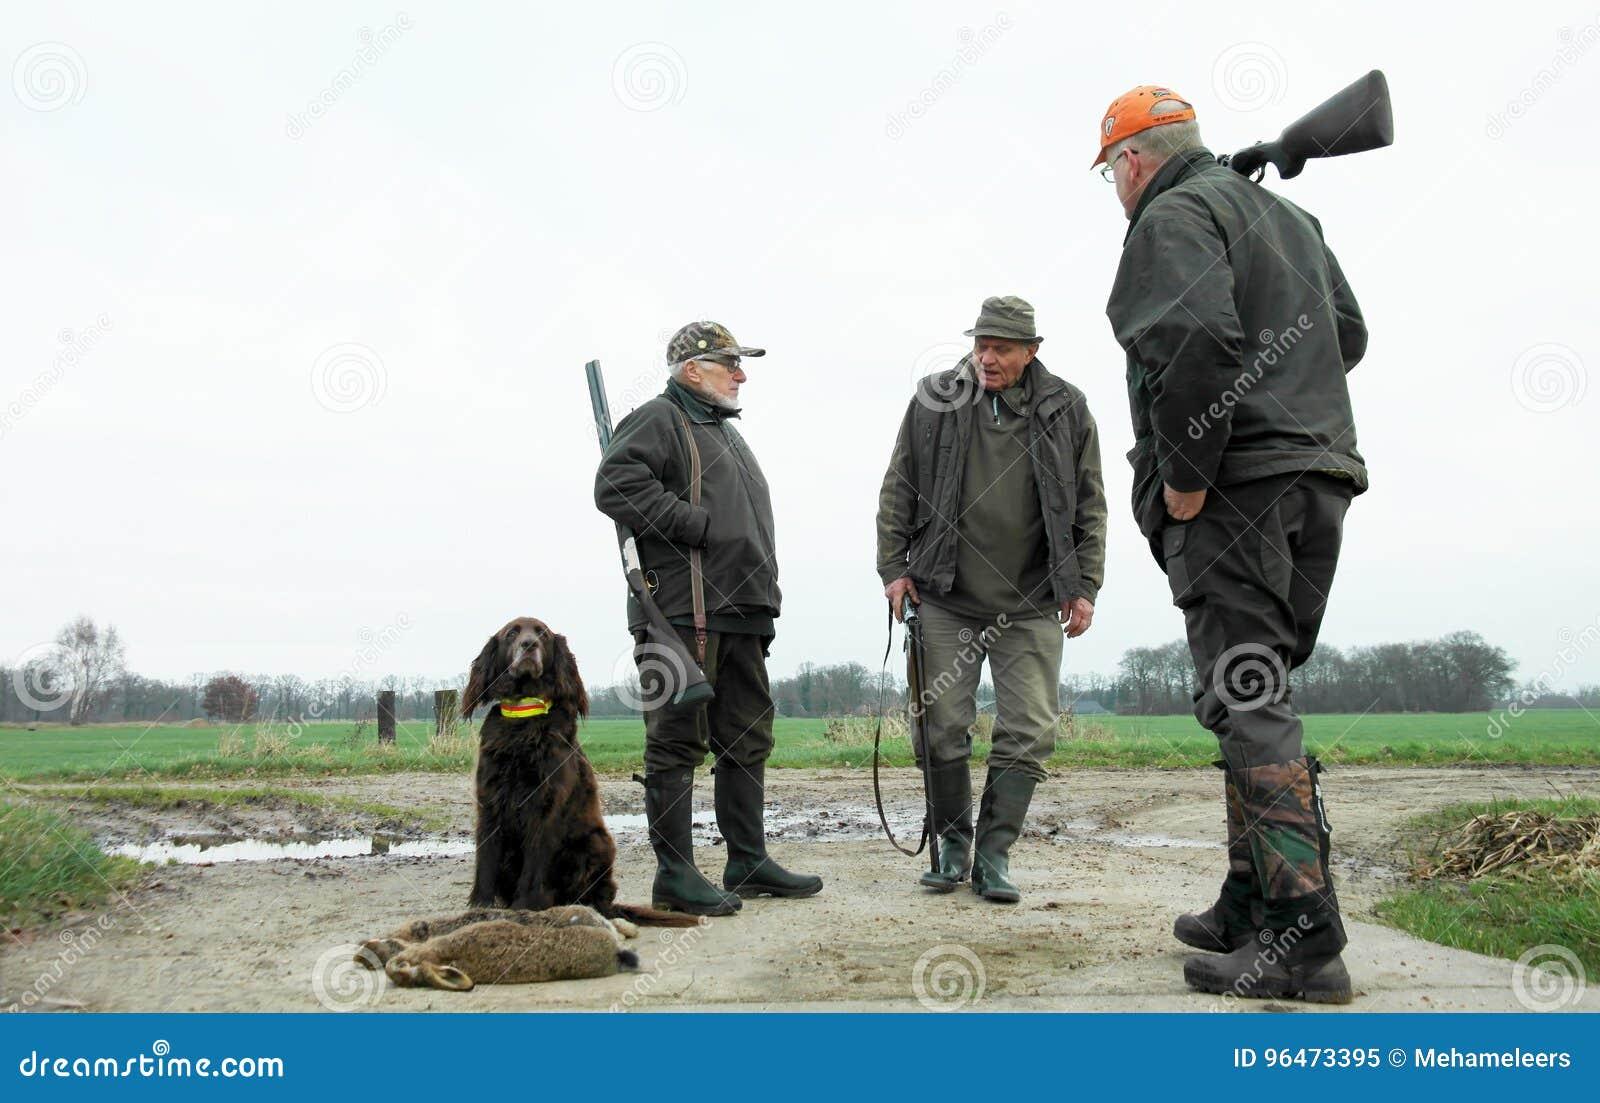 Trzy męskiego psa z zając i myśliwi niska perspektywa obszar wiejski godziny krajobrazu sezonu zimę Dumny łowieckiego psa obsiada